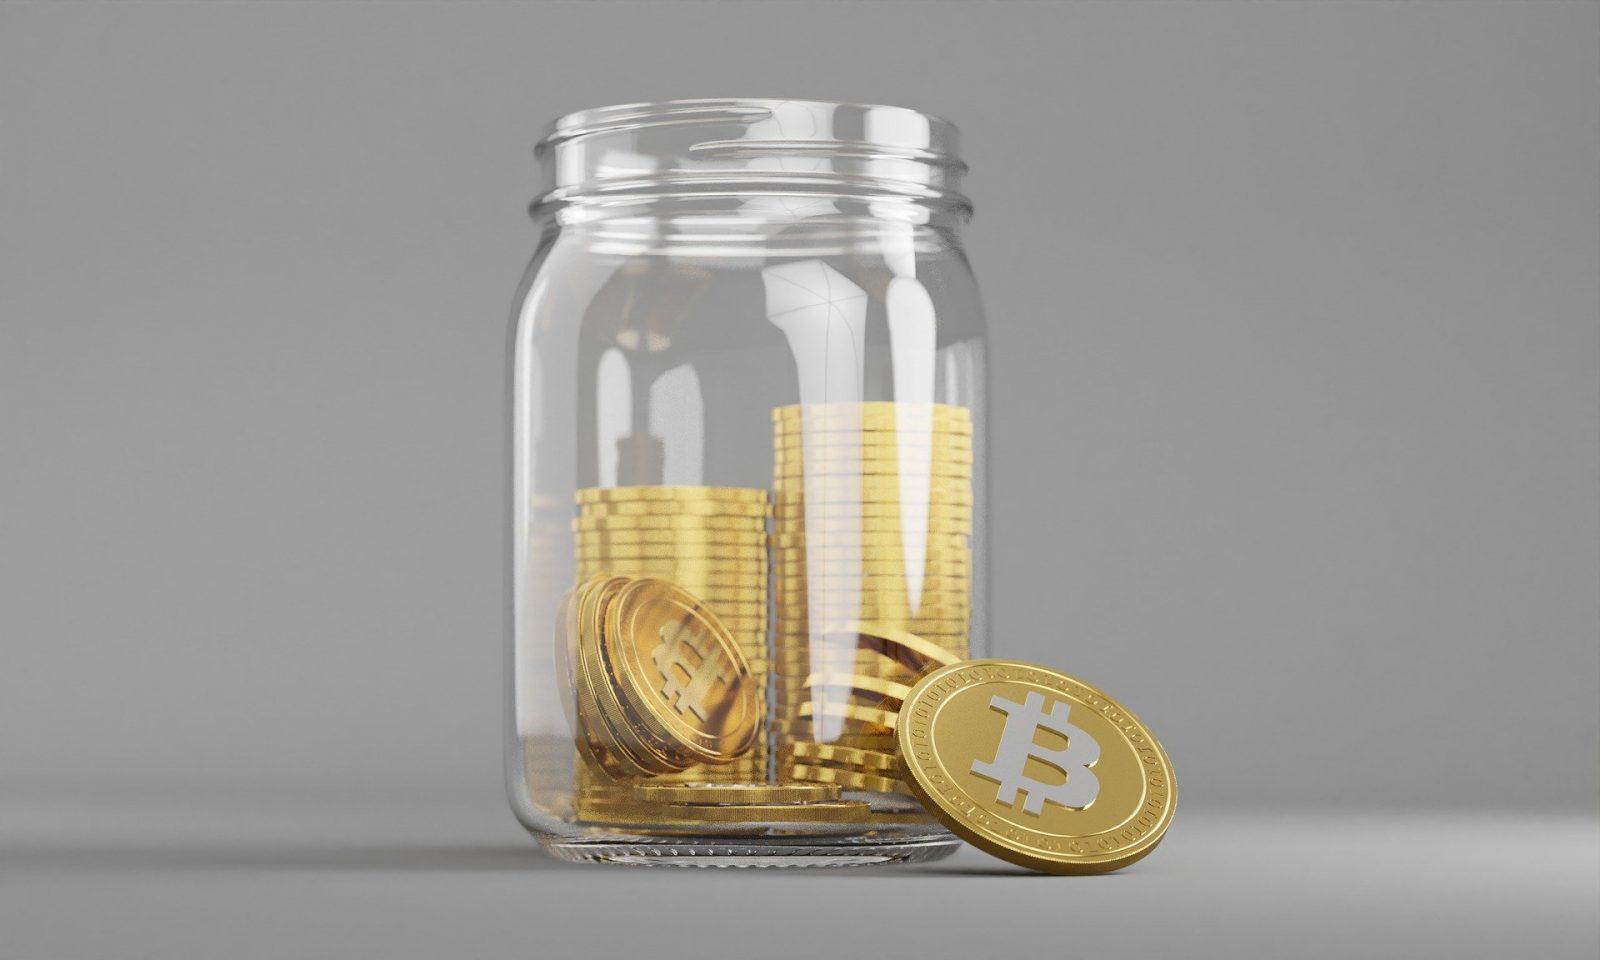 Keeping Bitcoin volatility risk at bay - CityAM